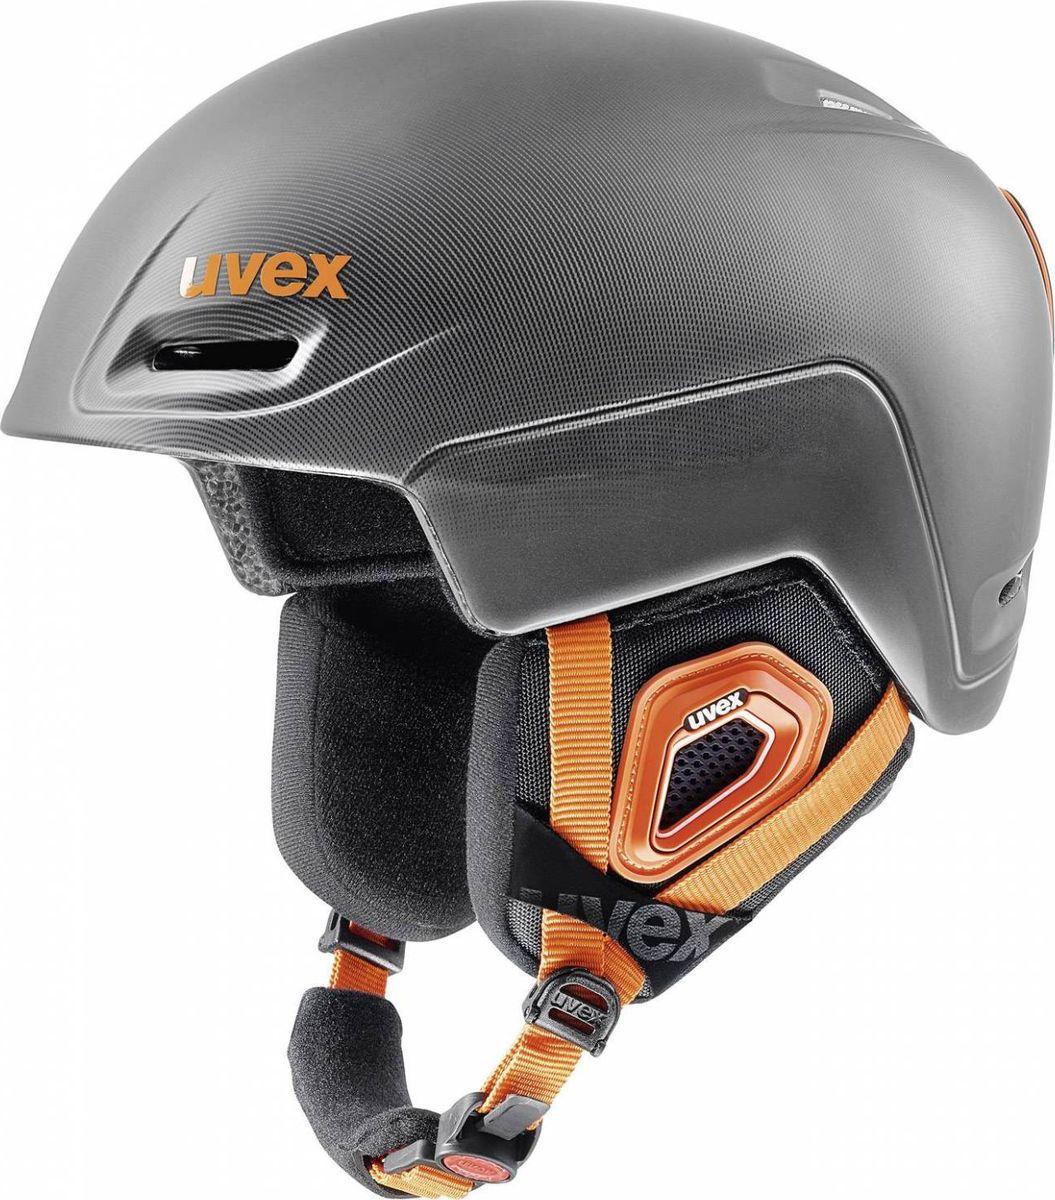 Шлем горнолыжный Uvex Jimm Helmet, цвет: серый, черный матовый. Размер L6206Удобный шлем от Uvex обеспечит безопасность на склоне. В модели предусмотрена съемная защита ушей.Гипоаллергенная подкладка и регулируемая вентиляция гарантируют комфорт во время катания. Фиксатор стрэпа маски и застежка monomatiс, которую легко отрегулировать одной рукой, служат для удобства использования. Сделано в Германии.